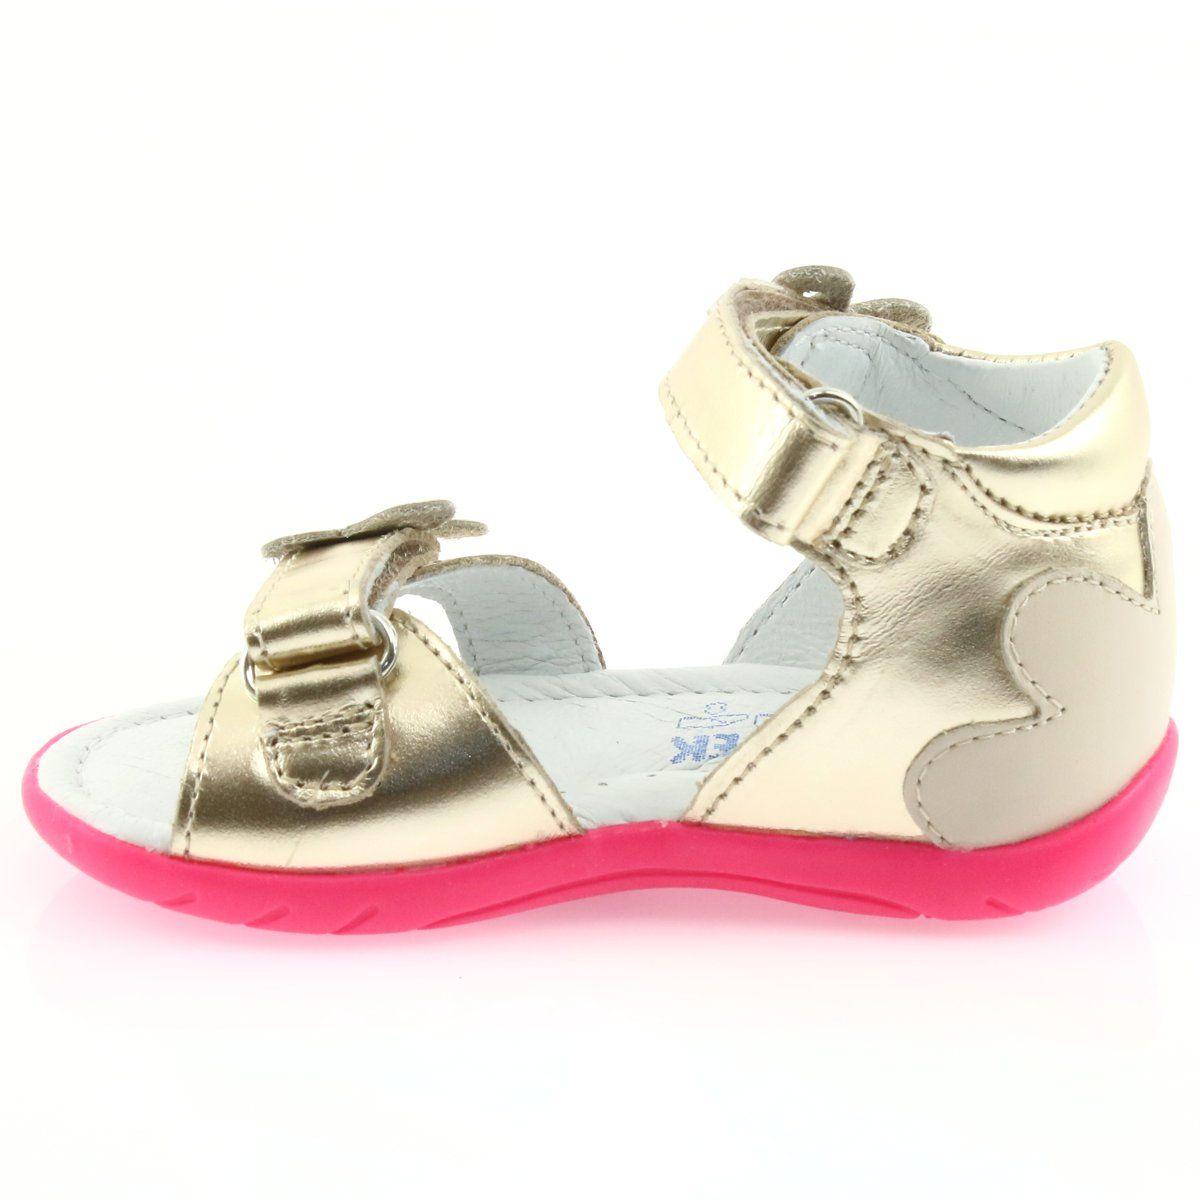 Sandalki Dziewczece Motyl Bartek 51569 Zlote Bezowy Rozowe Wielokolorowe Zloty Childrens Leather Shoes Kid Shoes Girls Sandals